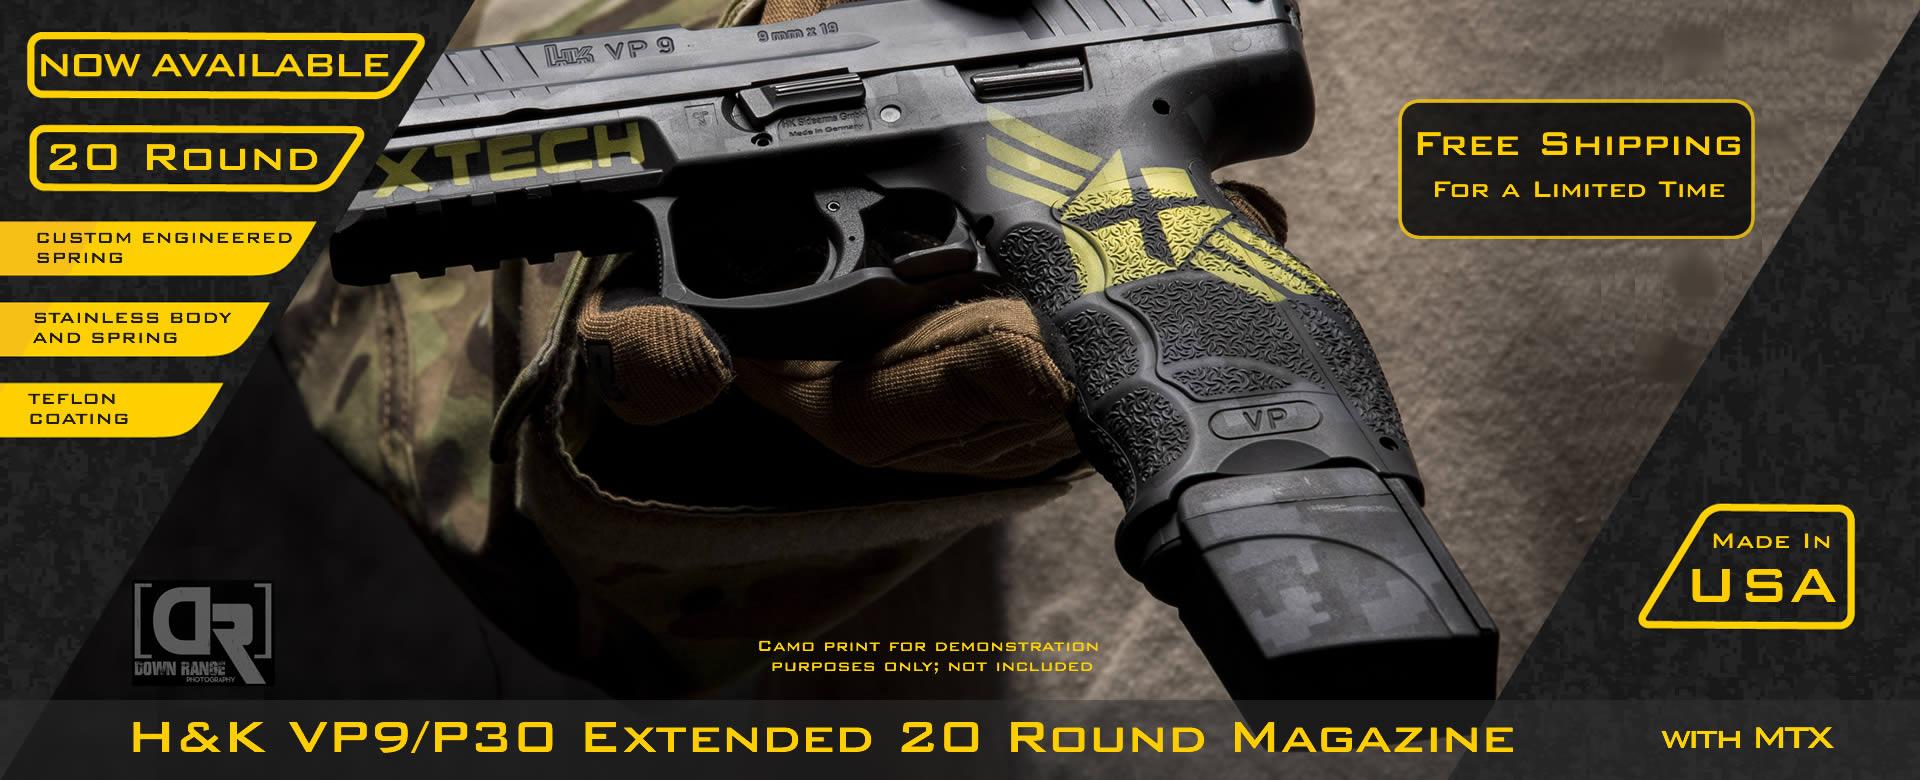 hk-vp9-vp30-20-round-magazine-2